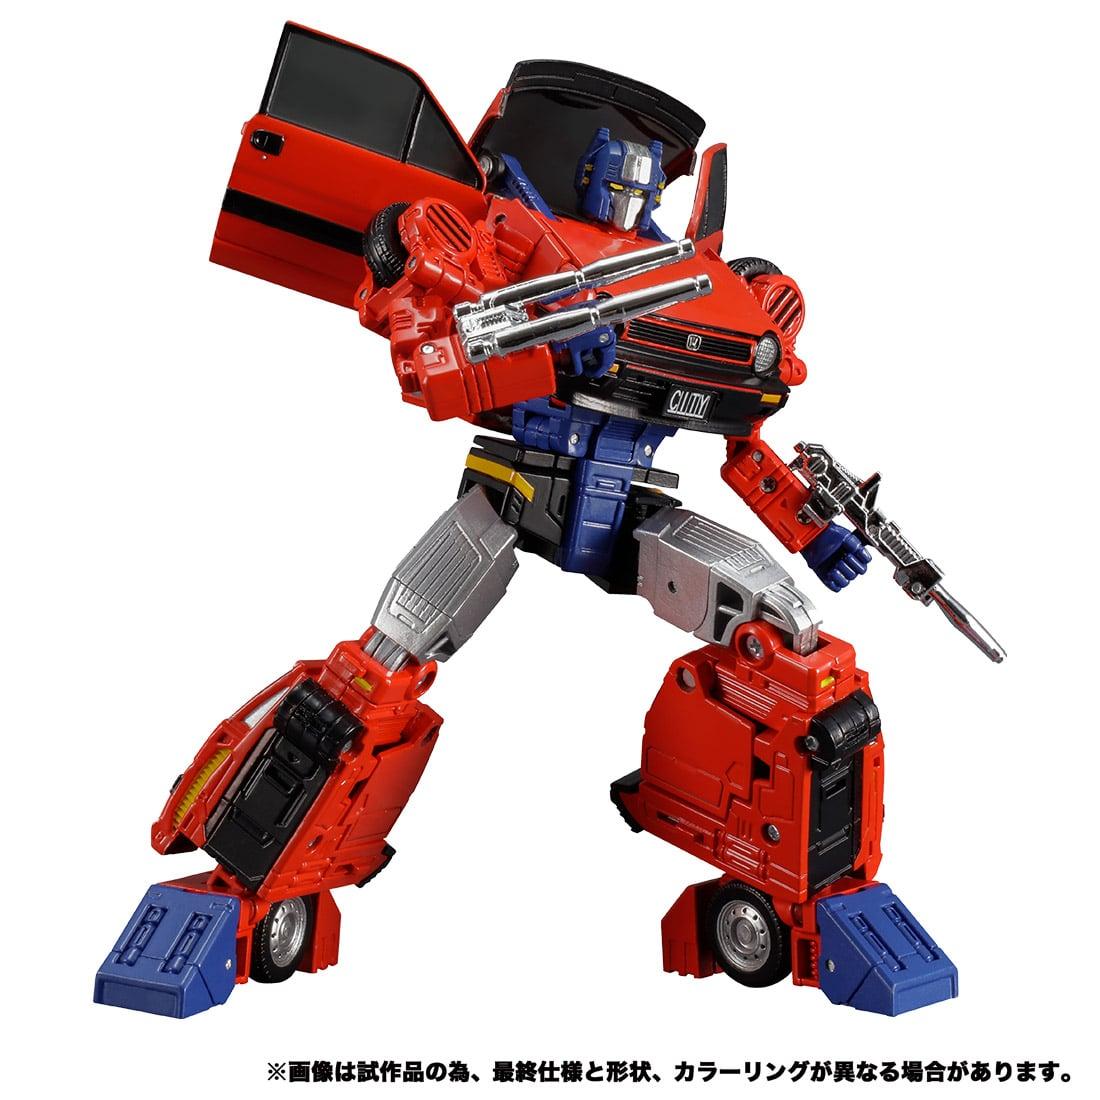 マスターピース『MP-53 スキッズ』トランスフォーマー 可変可動フィギュア-012